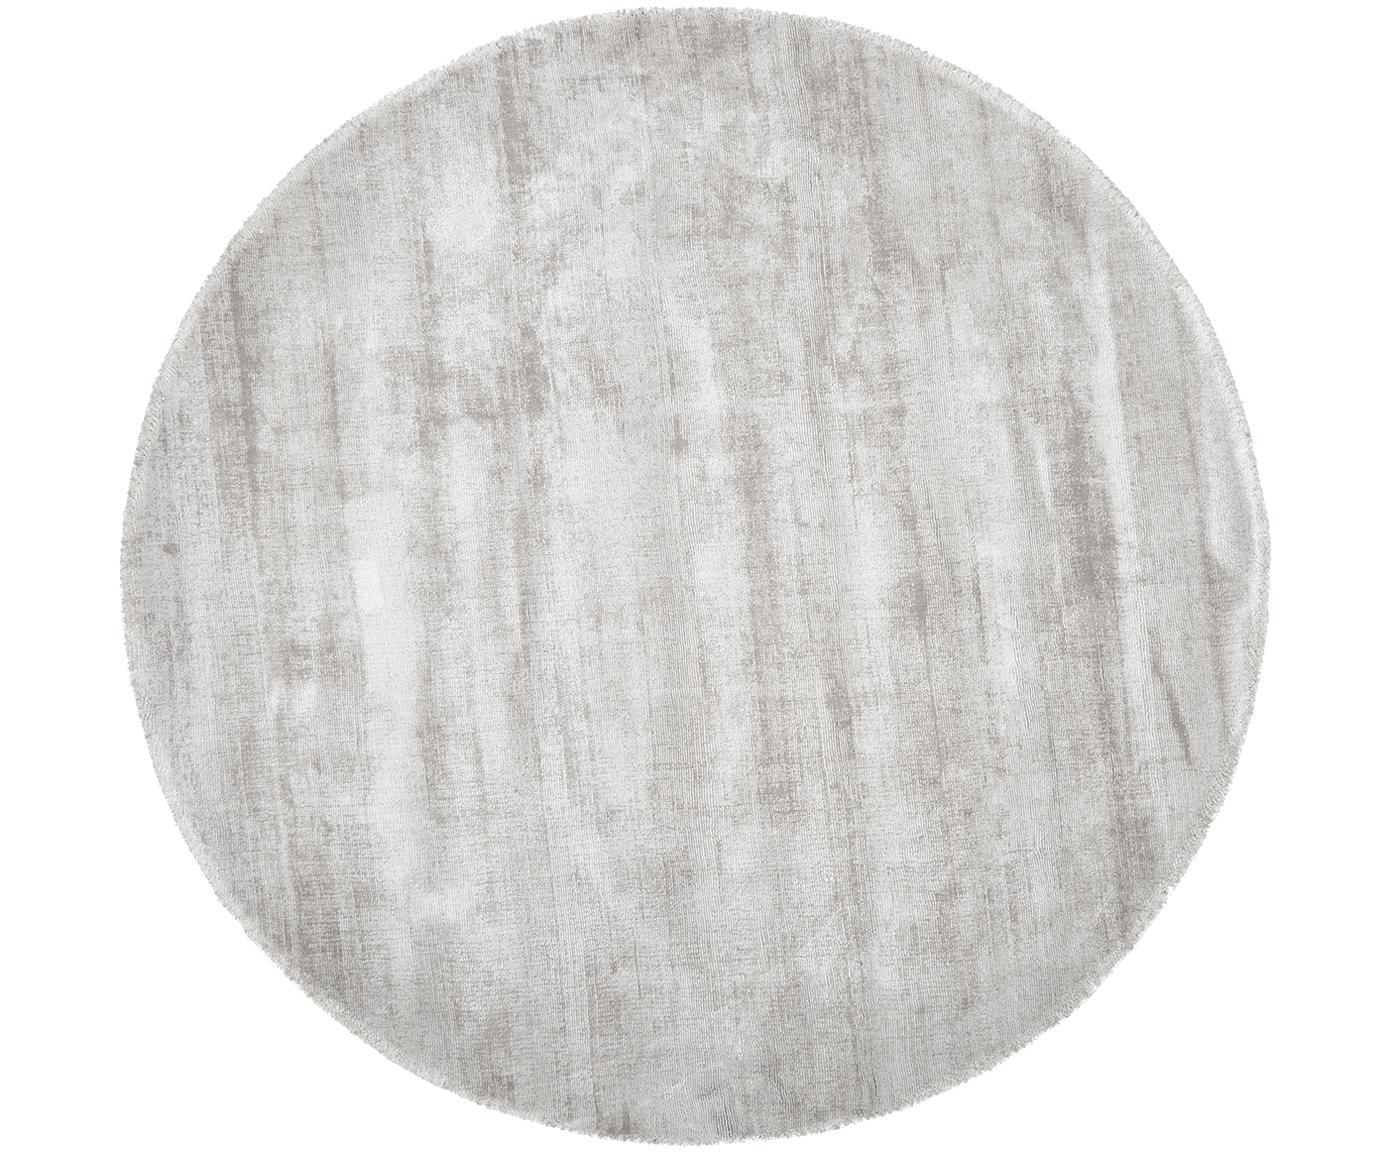 Kulatý viskózový koberec Jane, ručně tkaný, Světle šedá, béžová